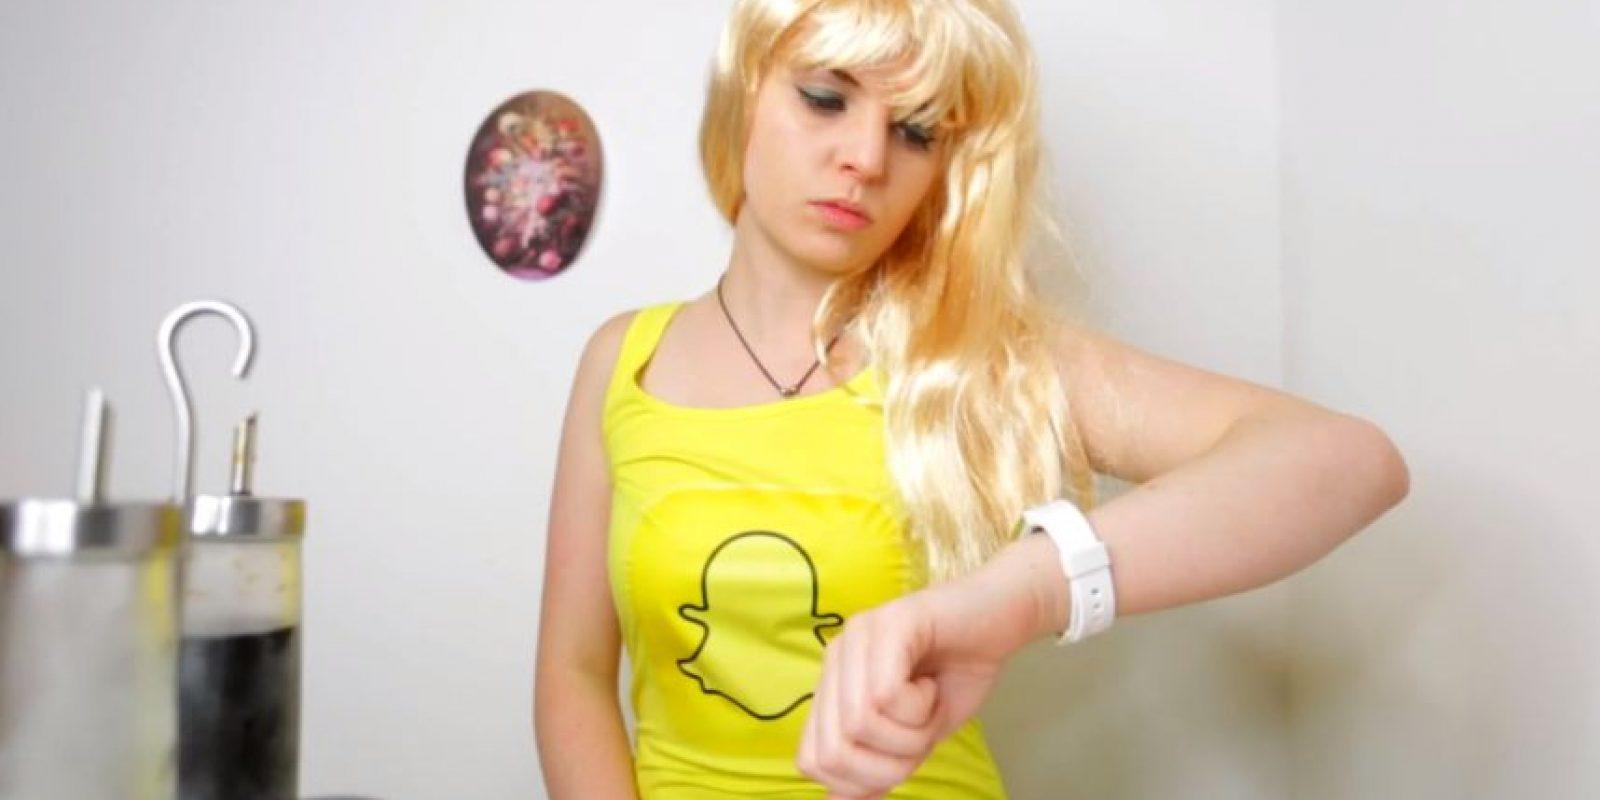 Snapchat, la red fugas, desaparecería mucho antes de poder hablar seriamente con ella Foto:emmablackery